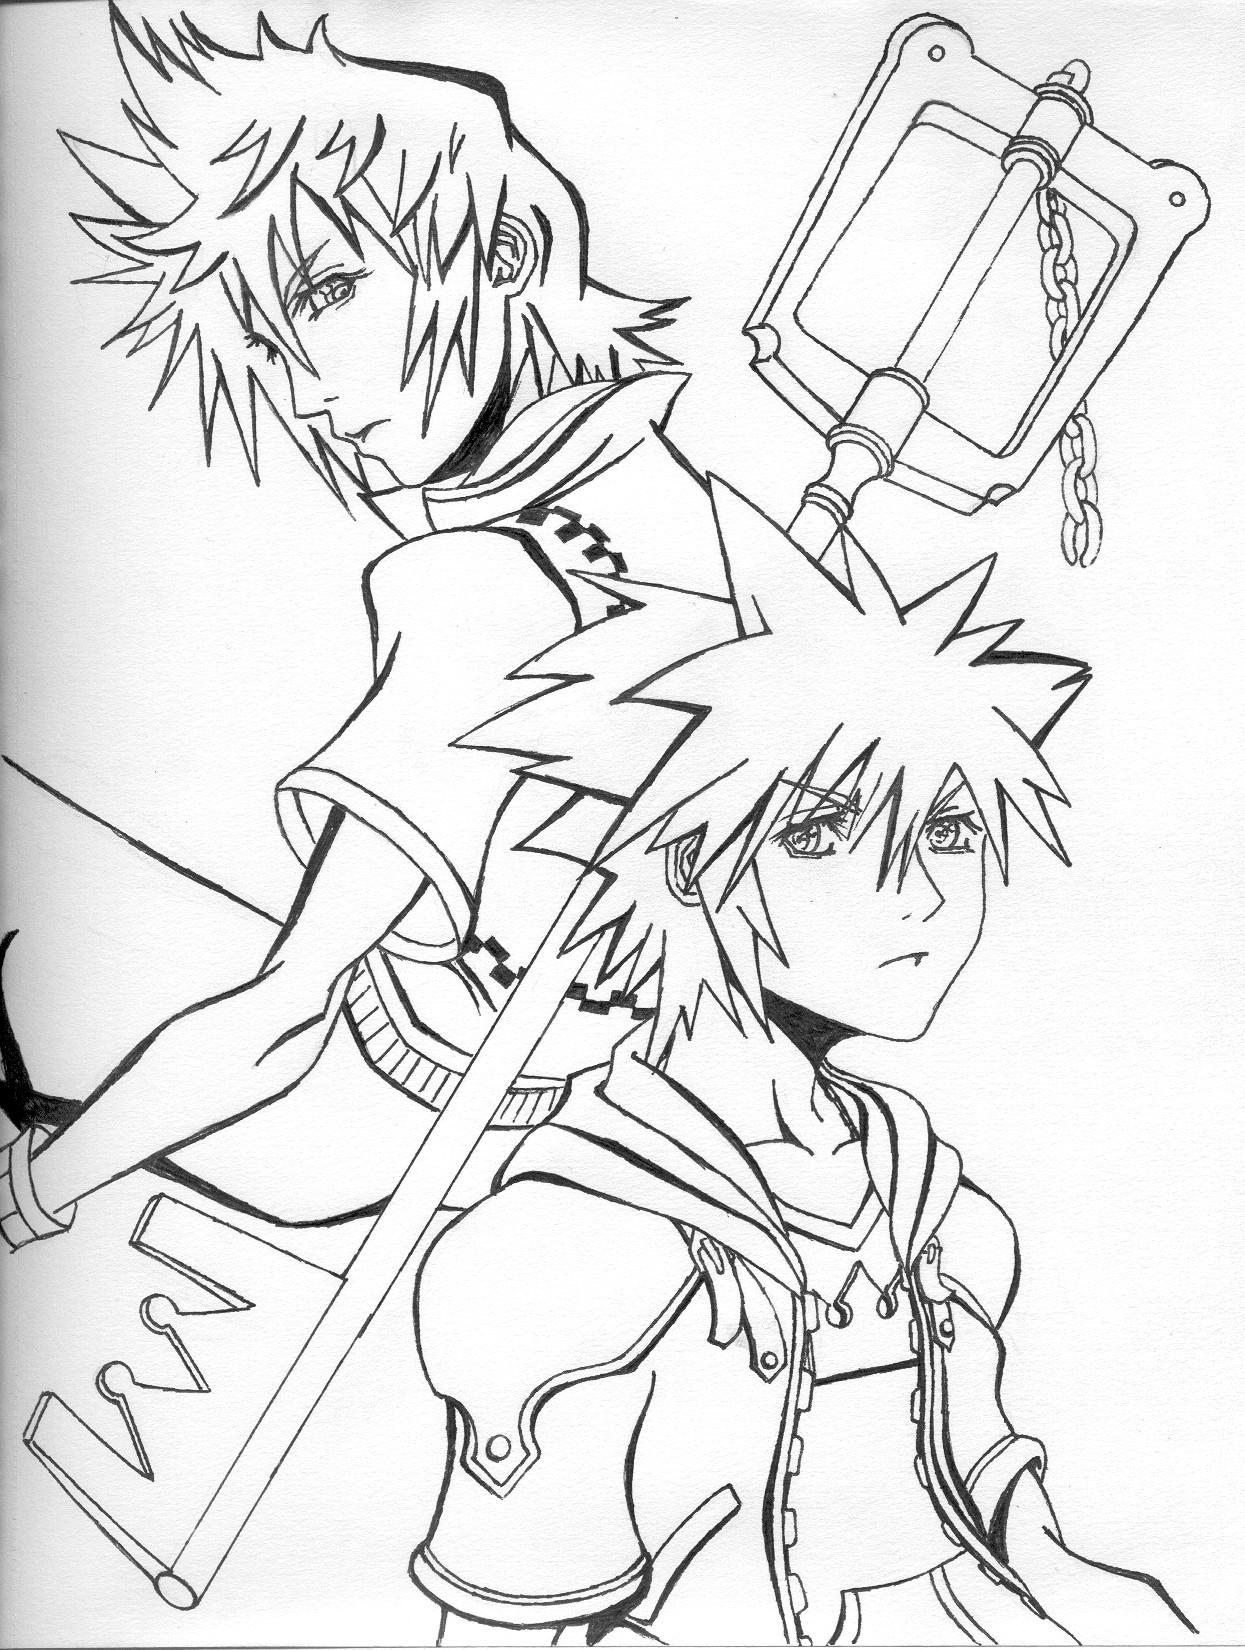 Sora Kingdom Hearts Lineart : Roxas and sora lineart by mikouyo on deviantart